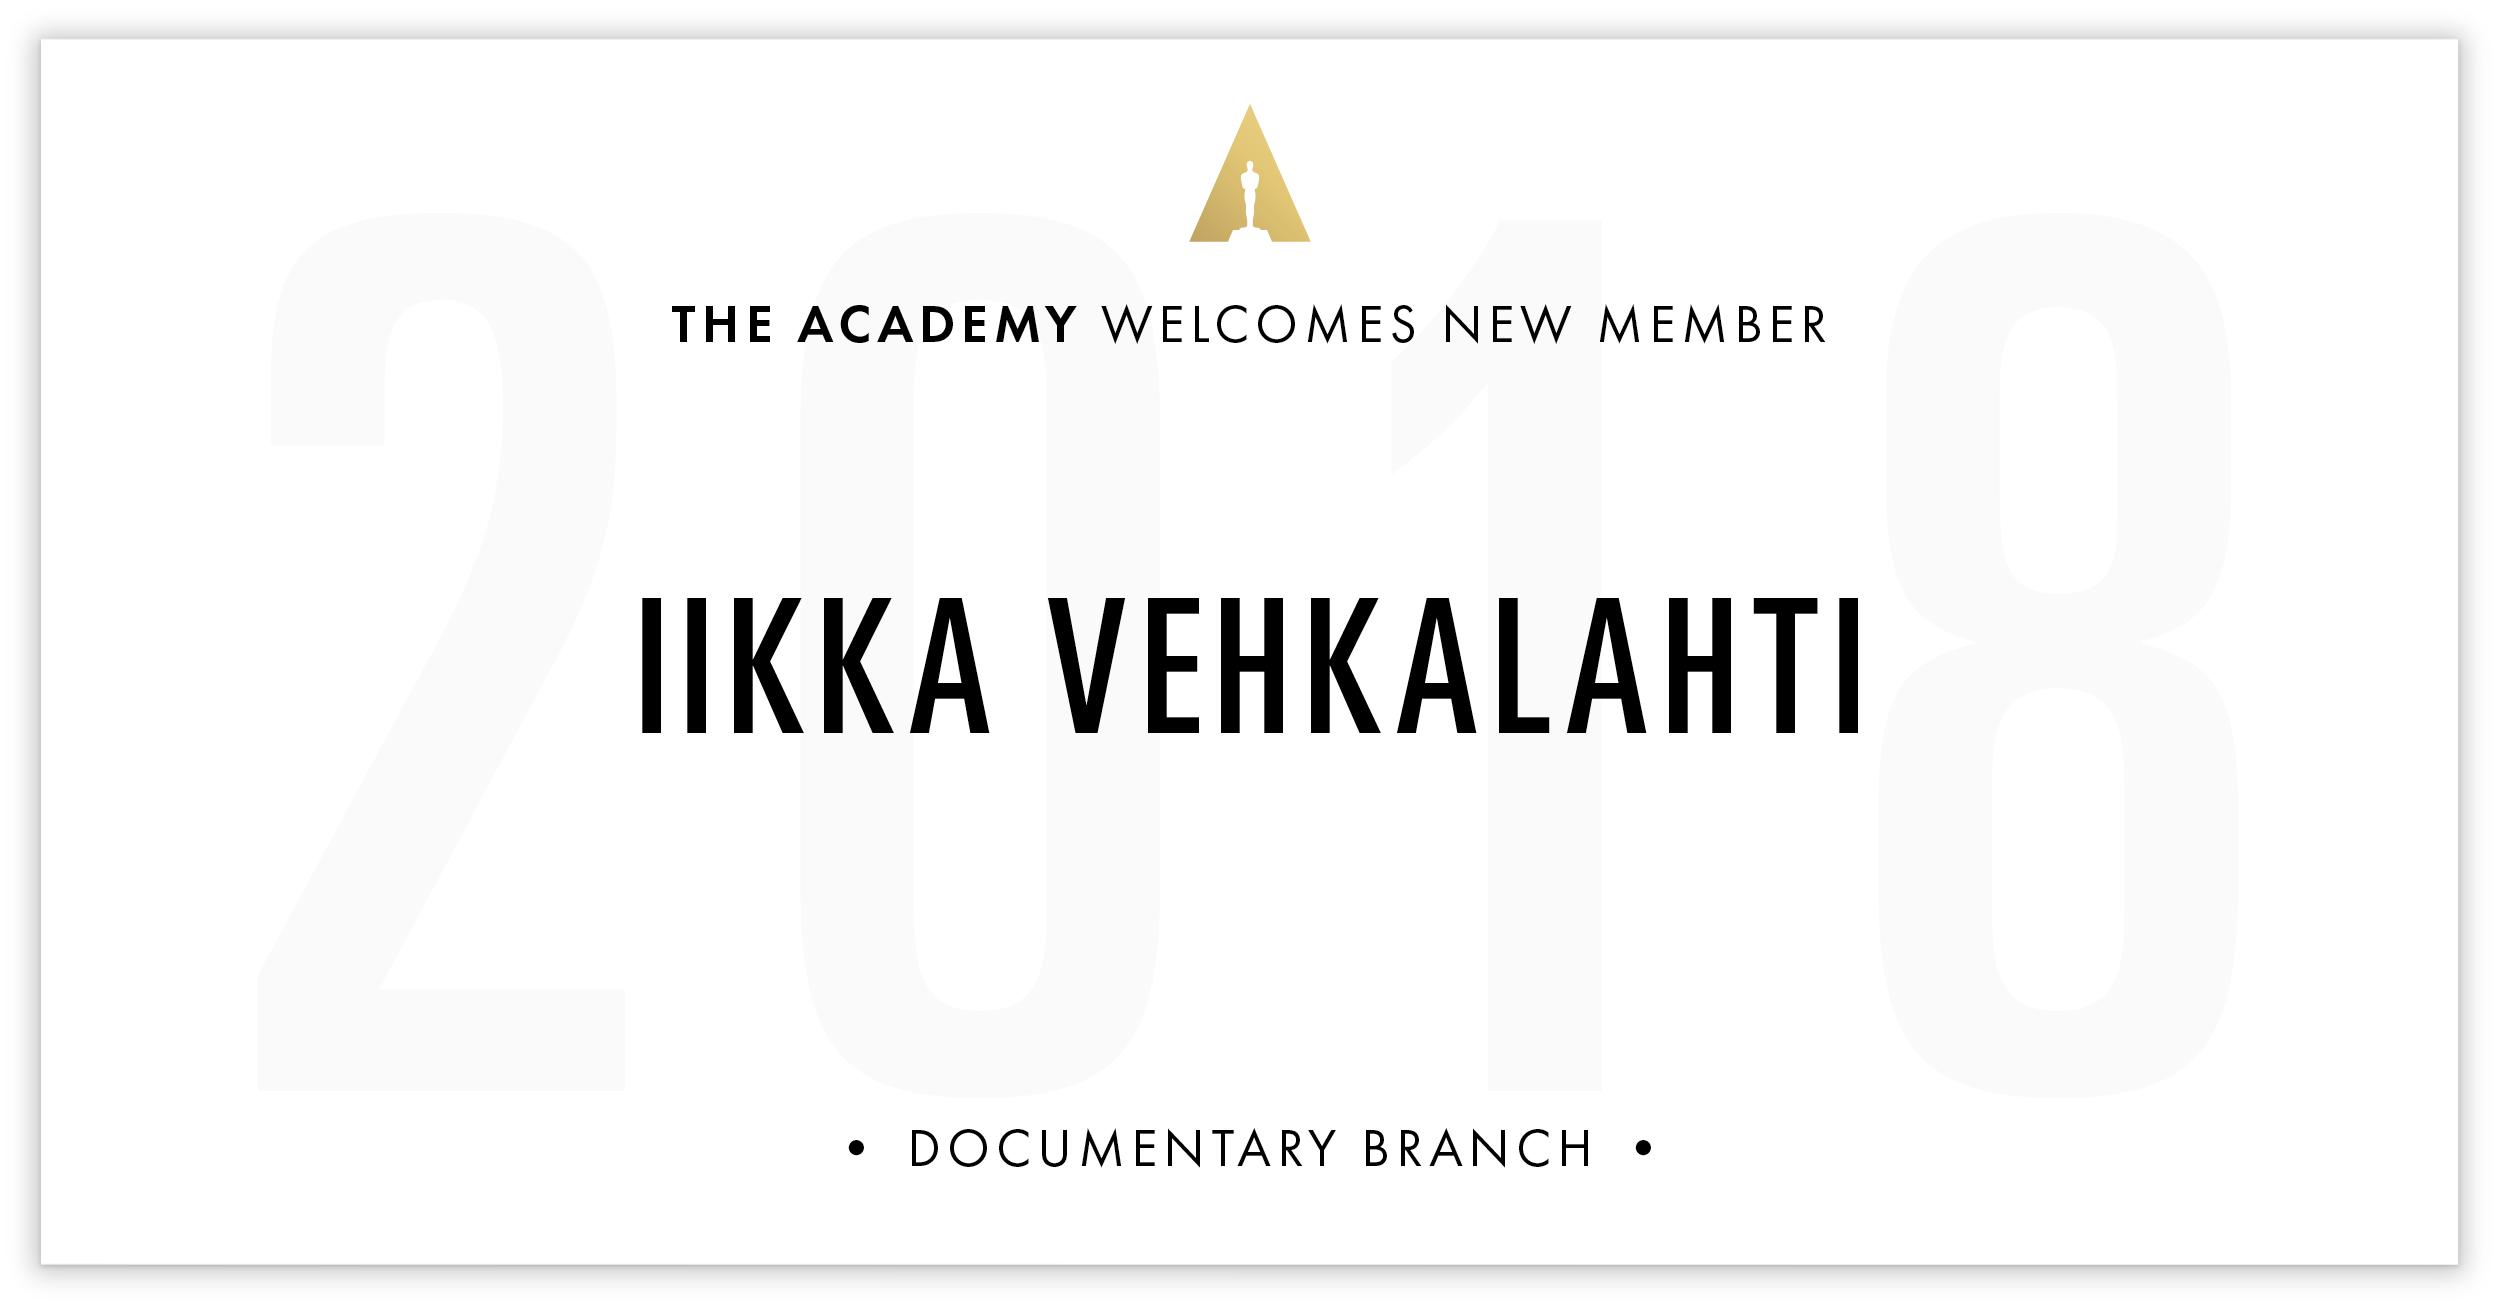 Iikka Vehkalahti is invited!